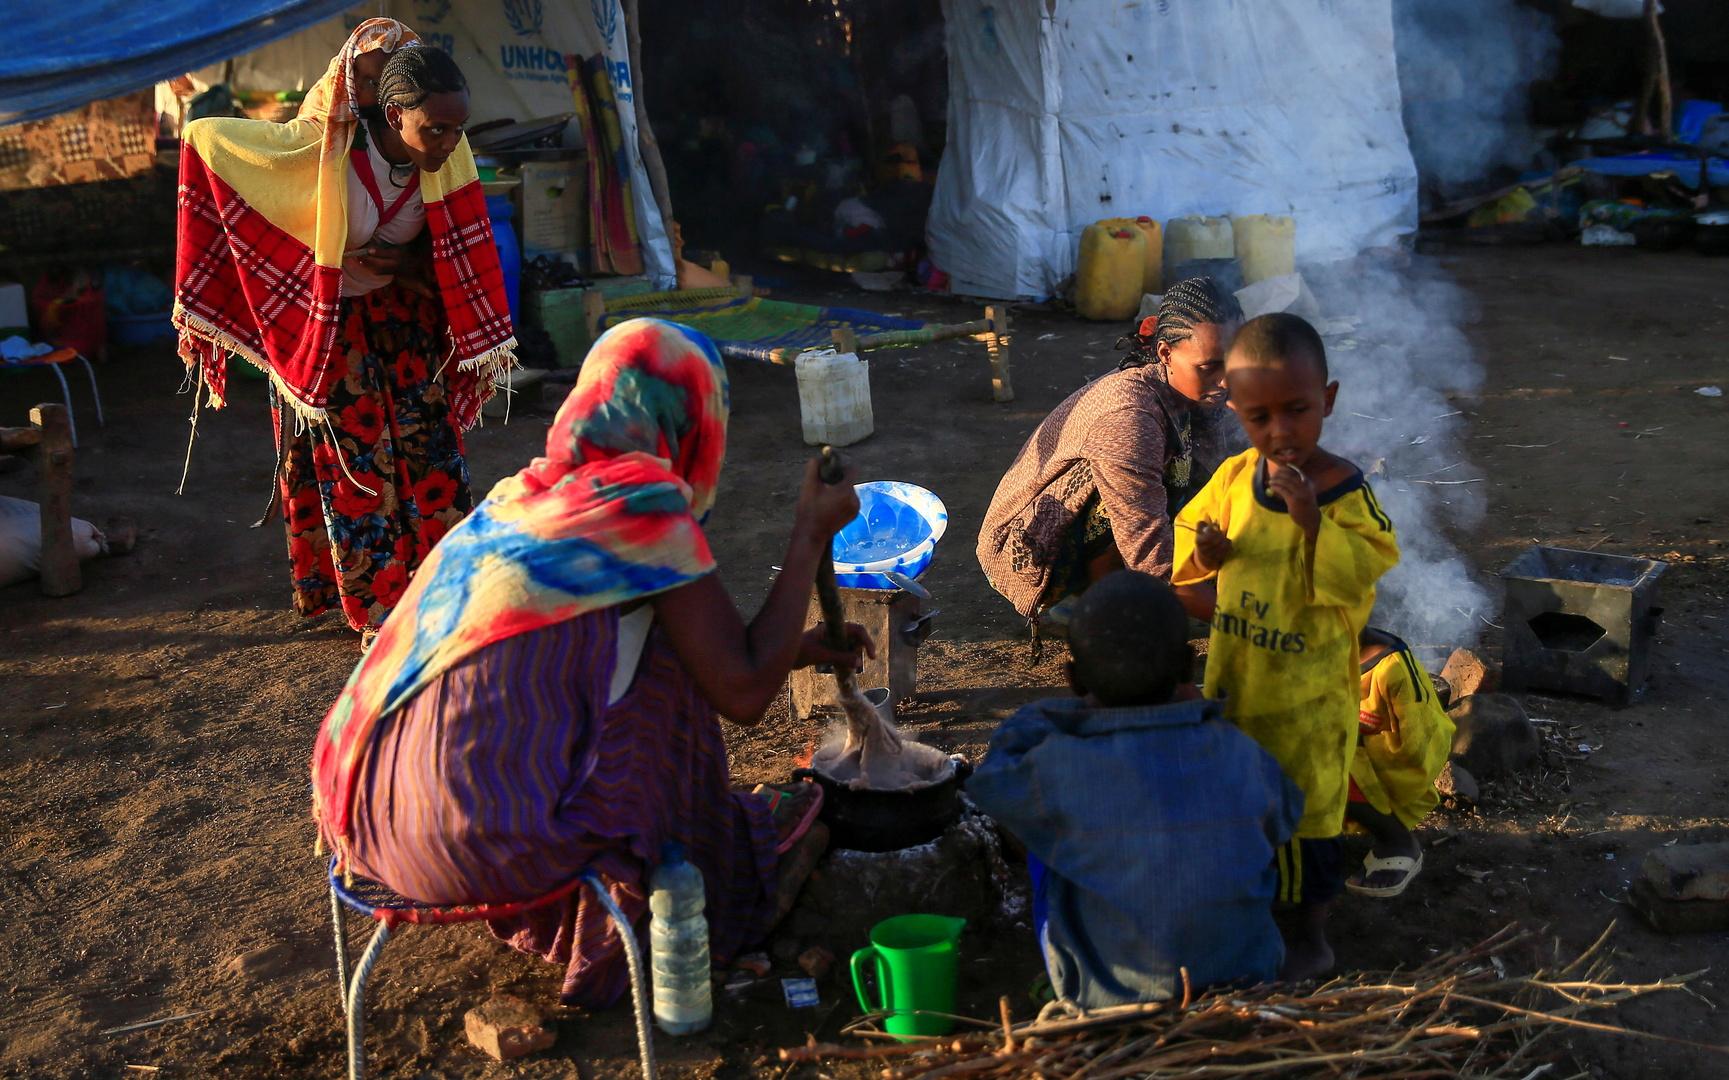 إثيوبيون يعبرون الحدود إلى السودان أثناء فرارهم من القتال ويلجأون في قرية الحميدية على الحدود السودانية الإثيوبية